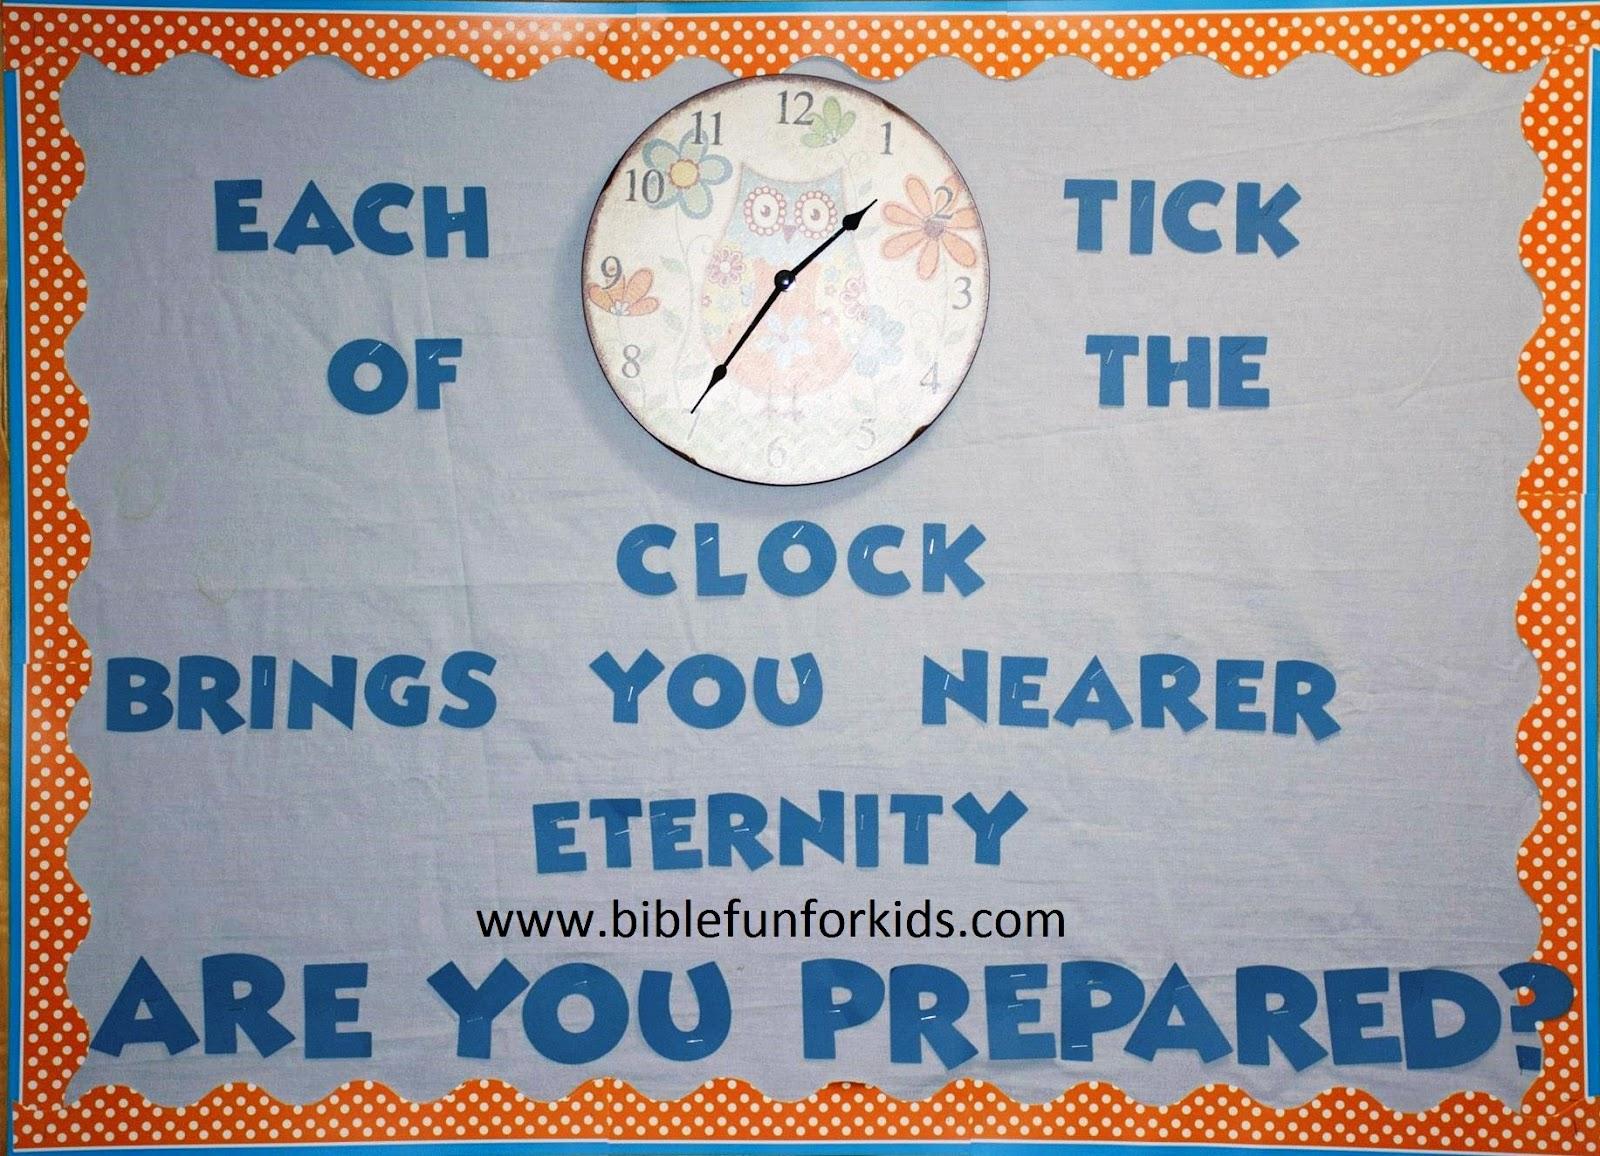 bible fun for kids  nicole u0026 39 s fall  and more  bulletin boards